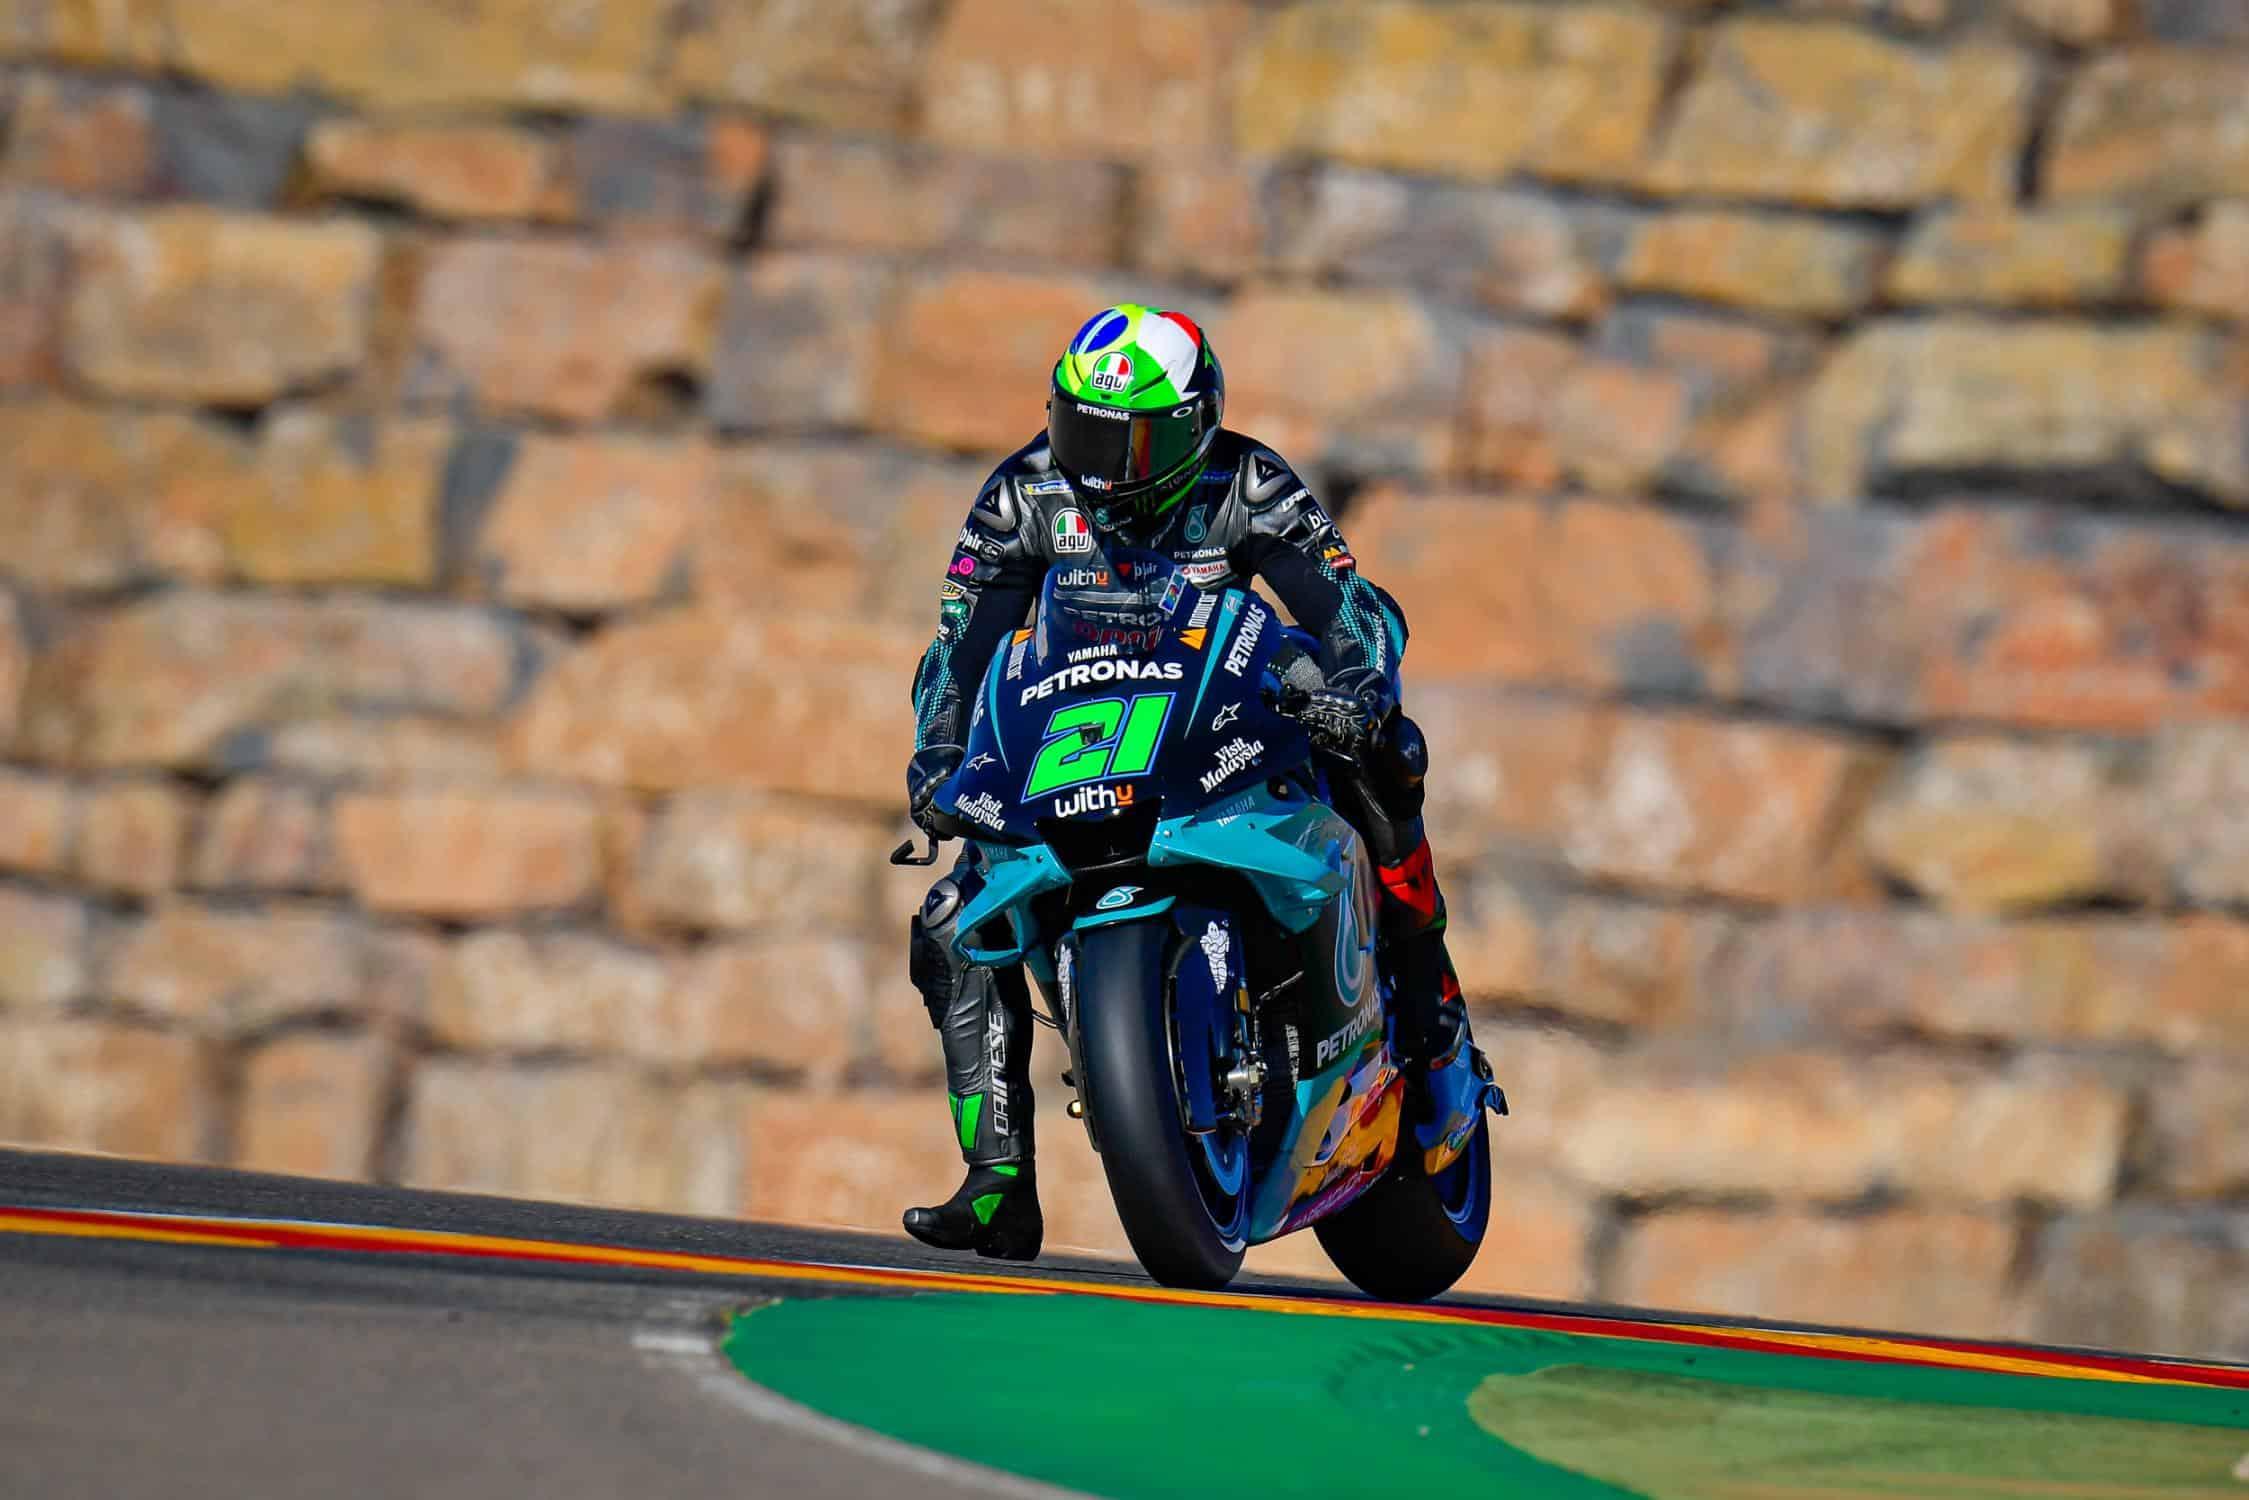 Franco Morbidelli, protagonista nelle PL3 del Gran Premio di Teruel 2020 (foto da: motogp.com)